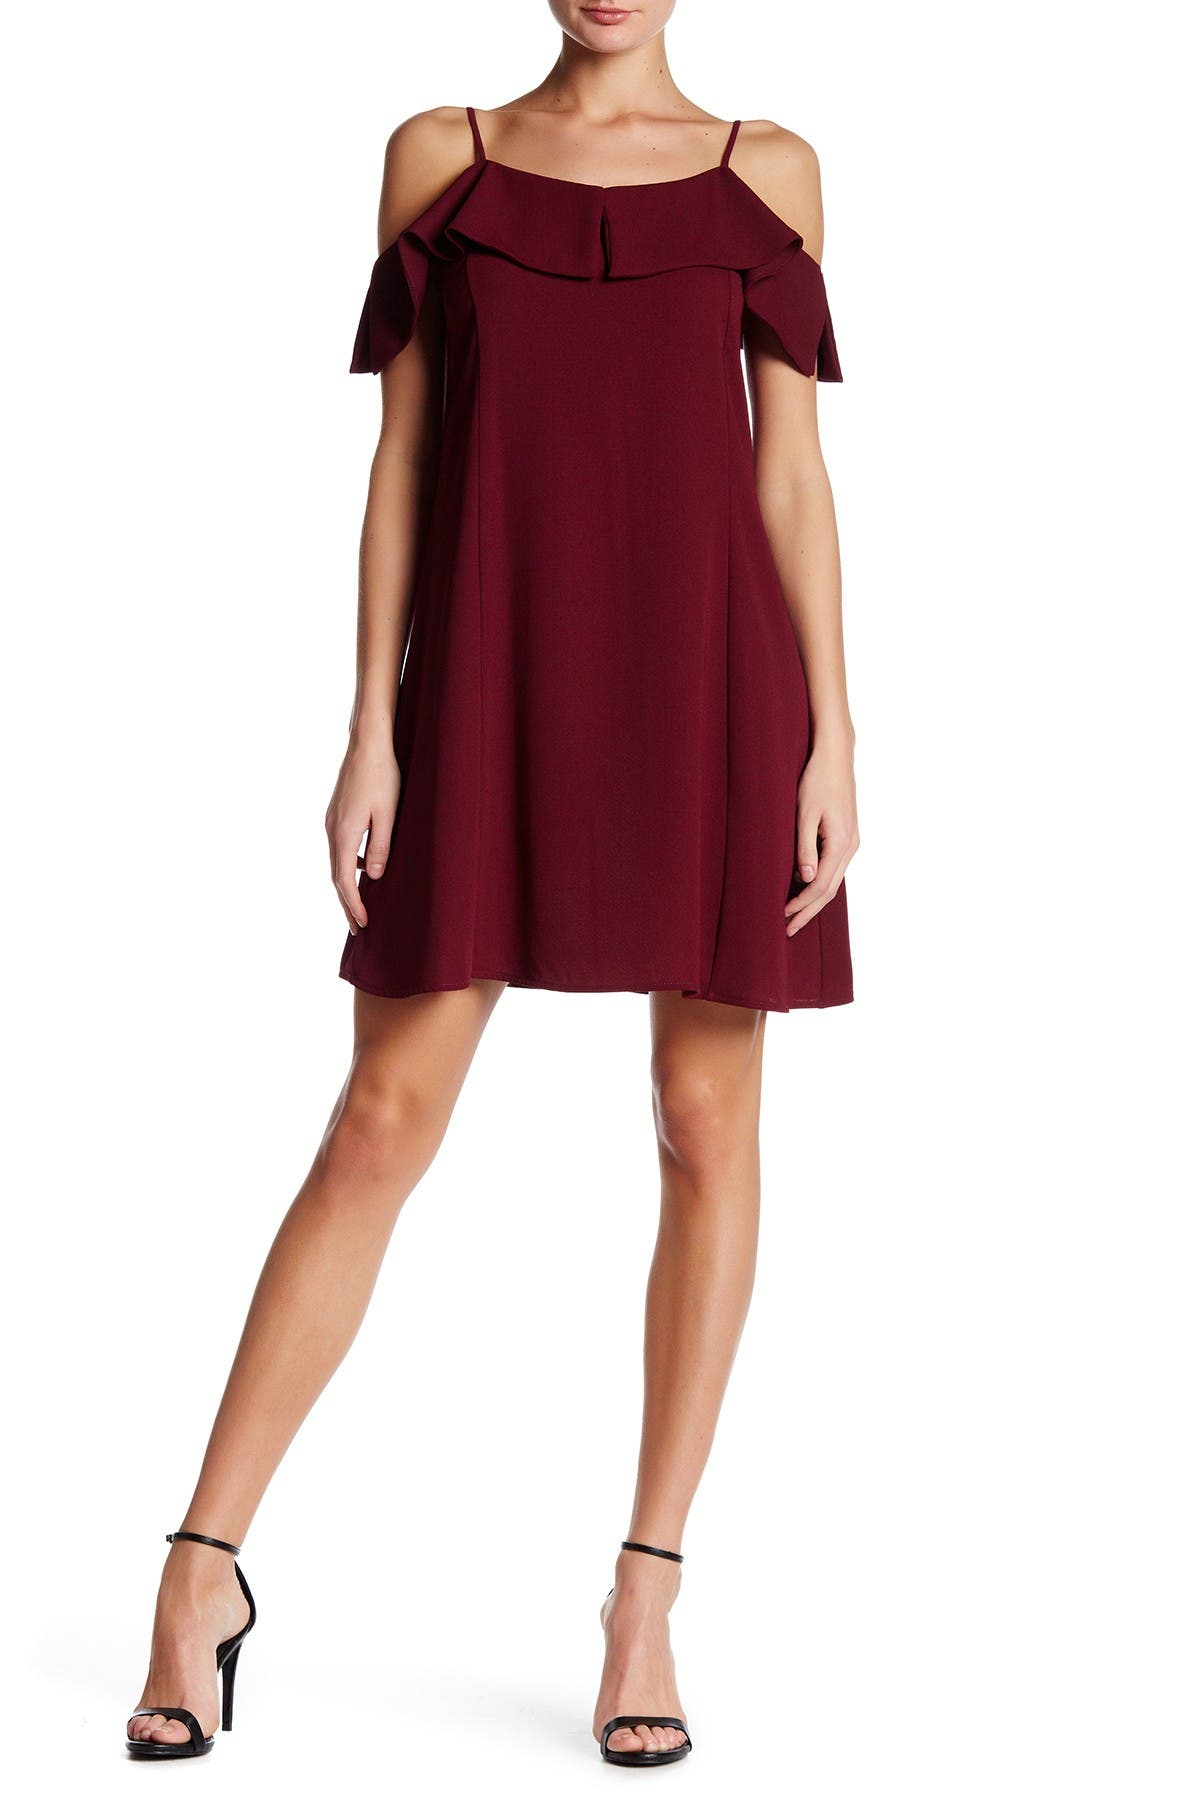 Image of dee elly Cold Shoulder Shift Dress